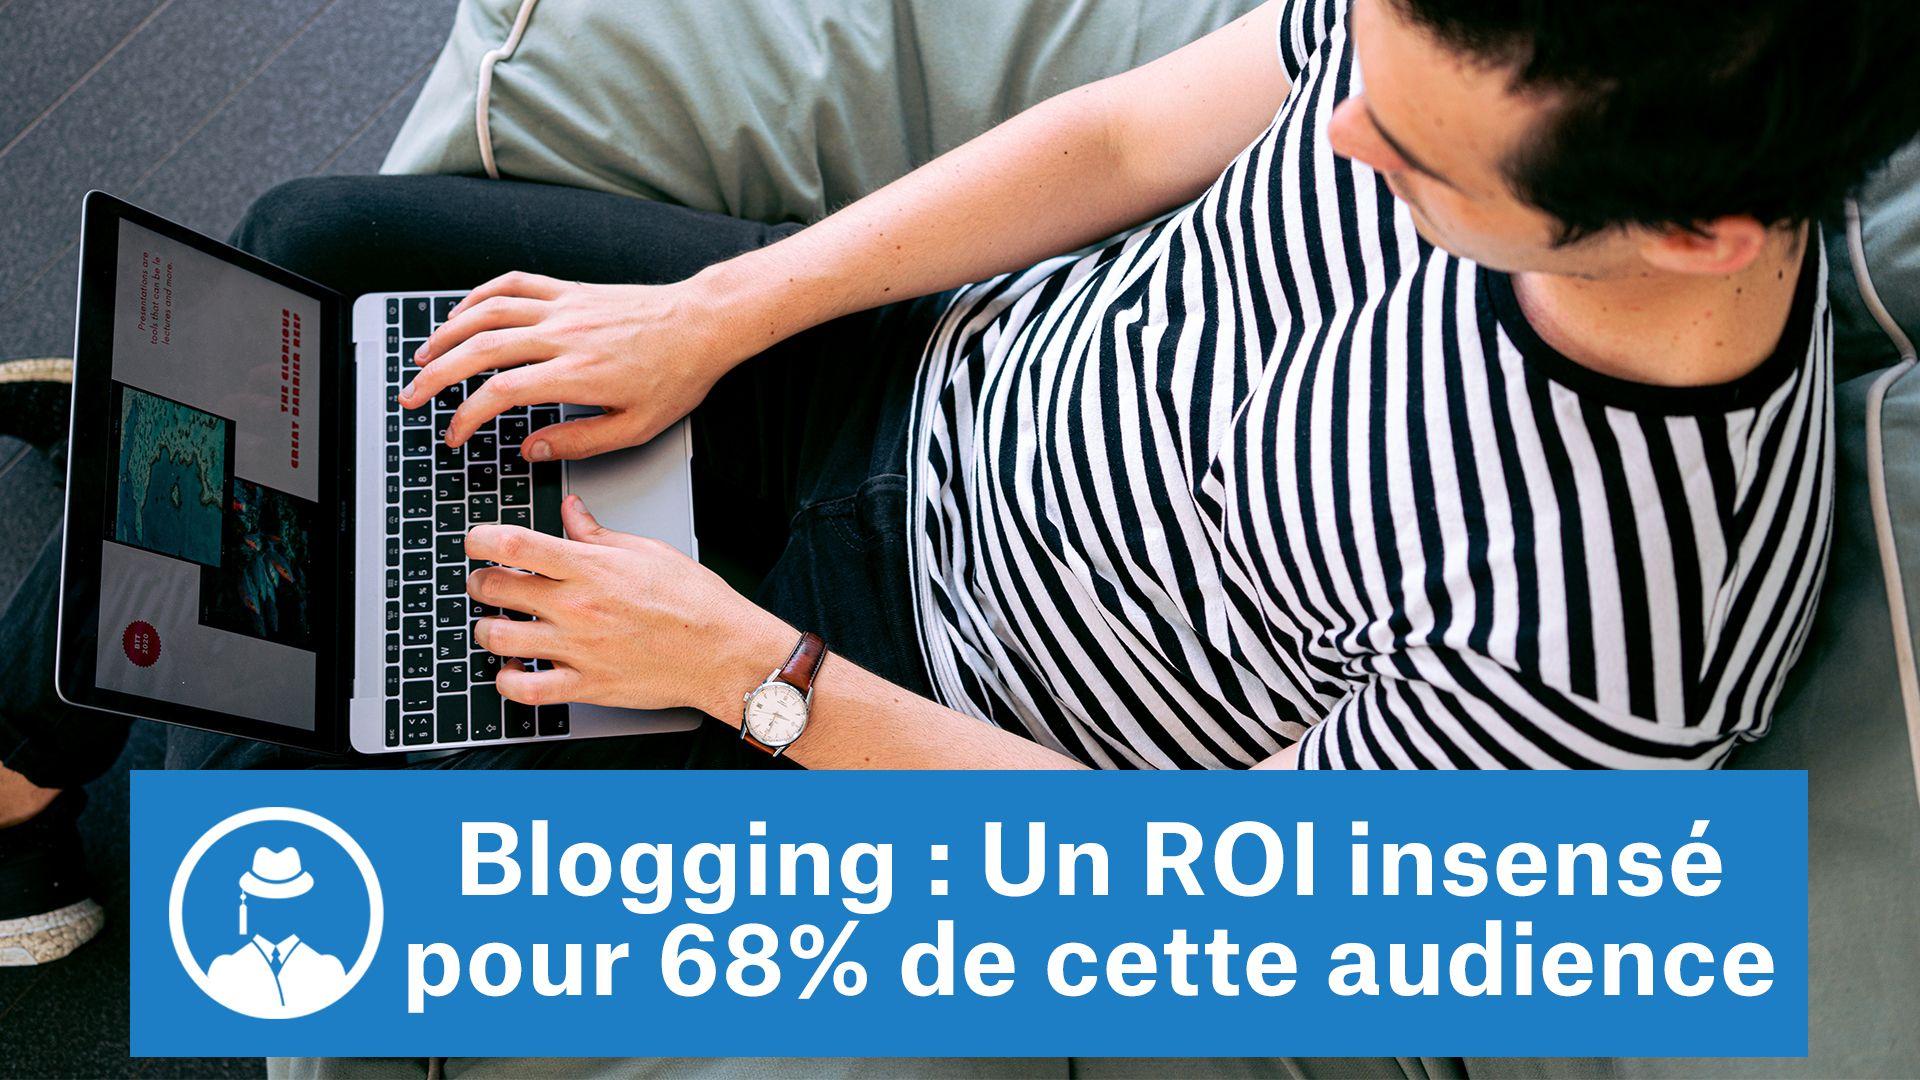 Blogging : un ROI insensé pour 68% de cette audience #GrowthHacking #WebMarketing #FormationGrowthHacking #CentreDeFormationFrance #TunnelAARRR #AARRR #SocialMedia #CommunityManagement #SEO #blogging